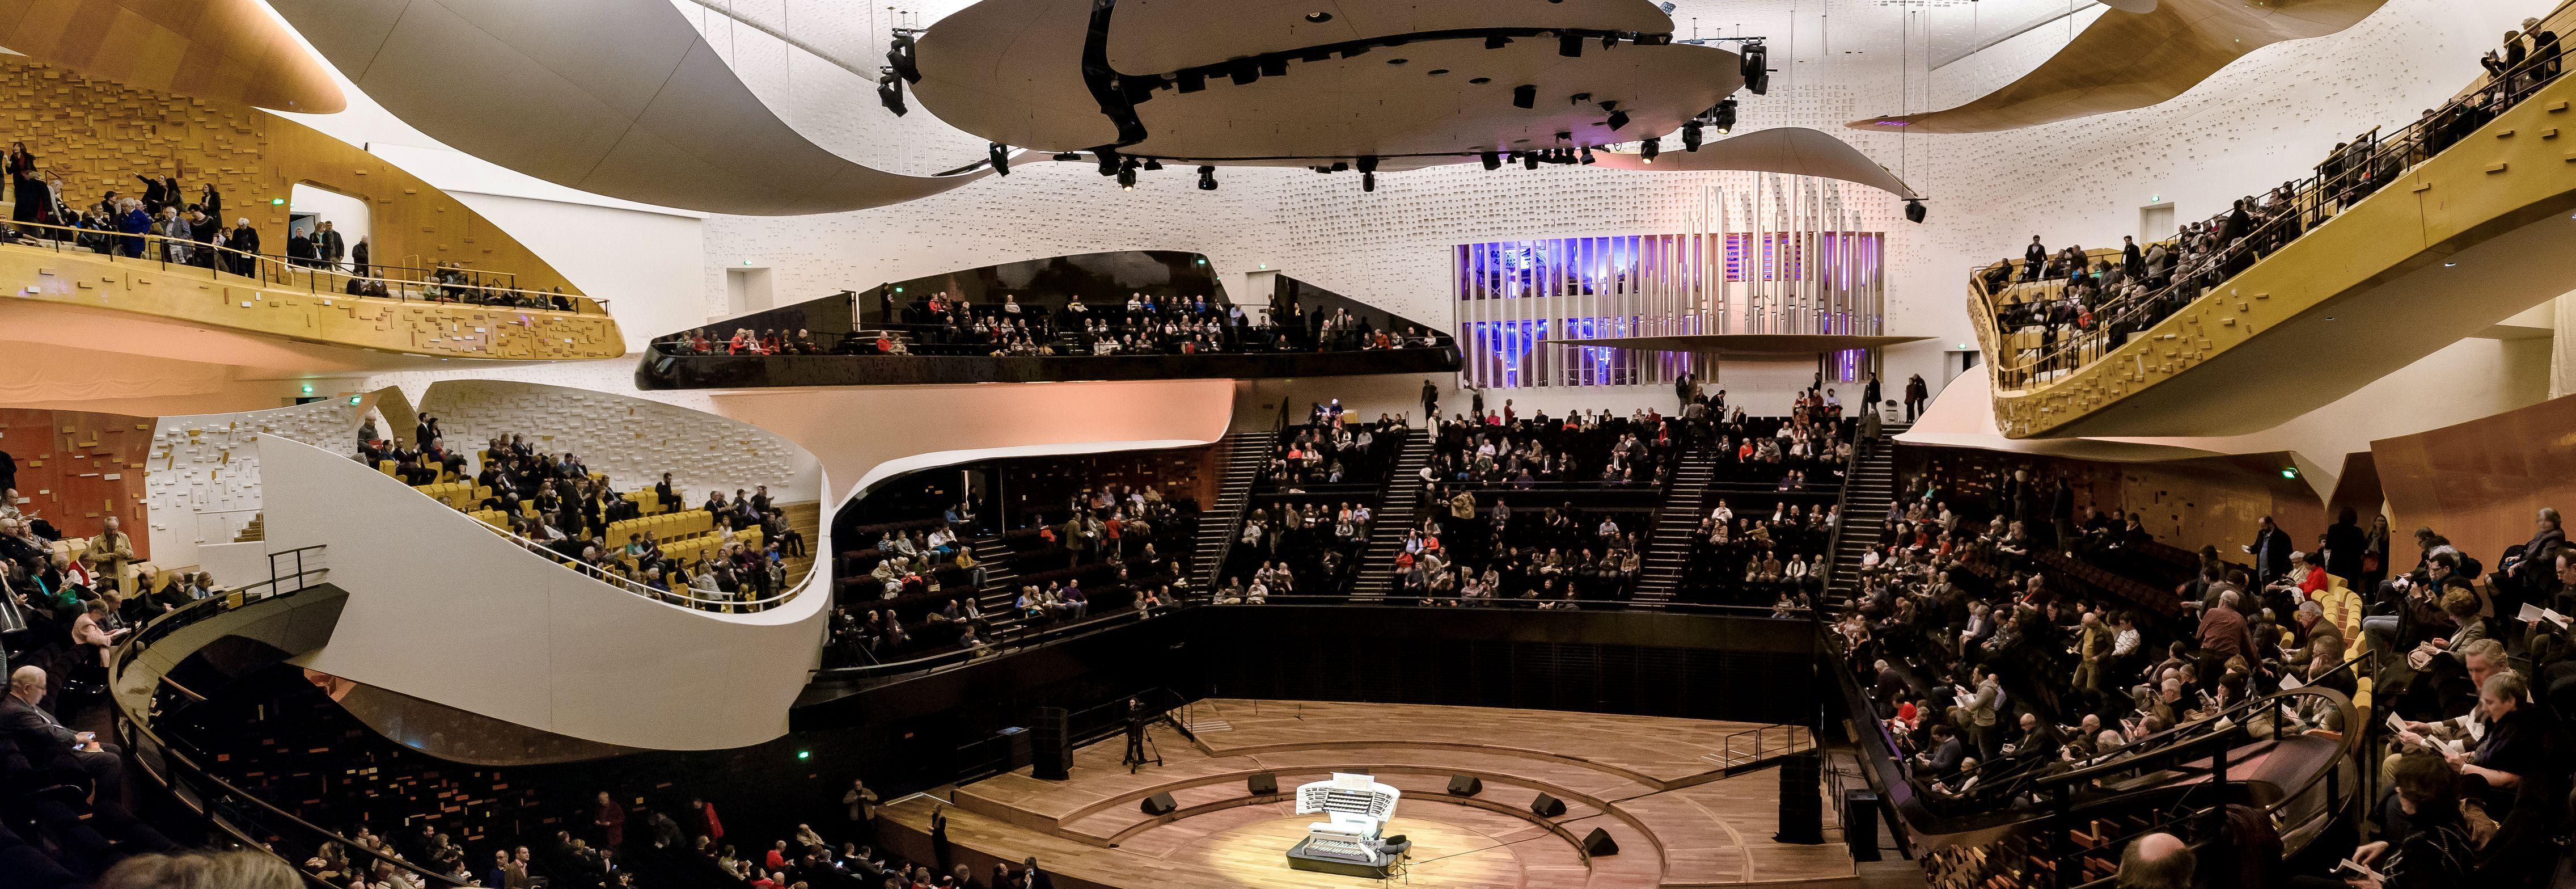 Resultado de imagem para philharmonie de paris